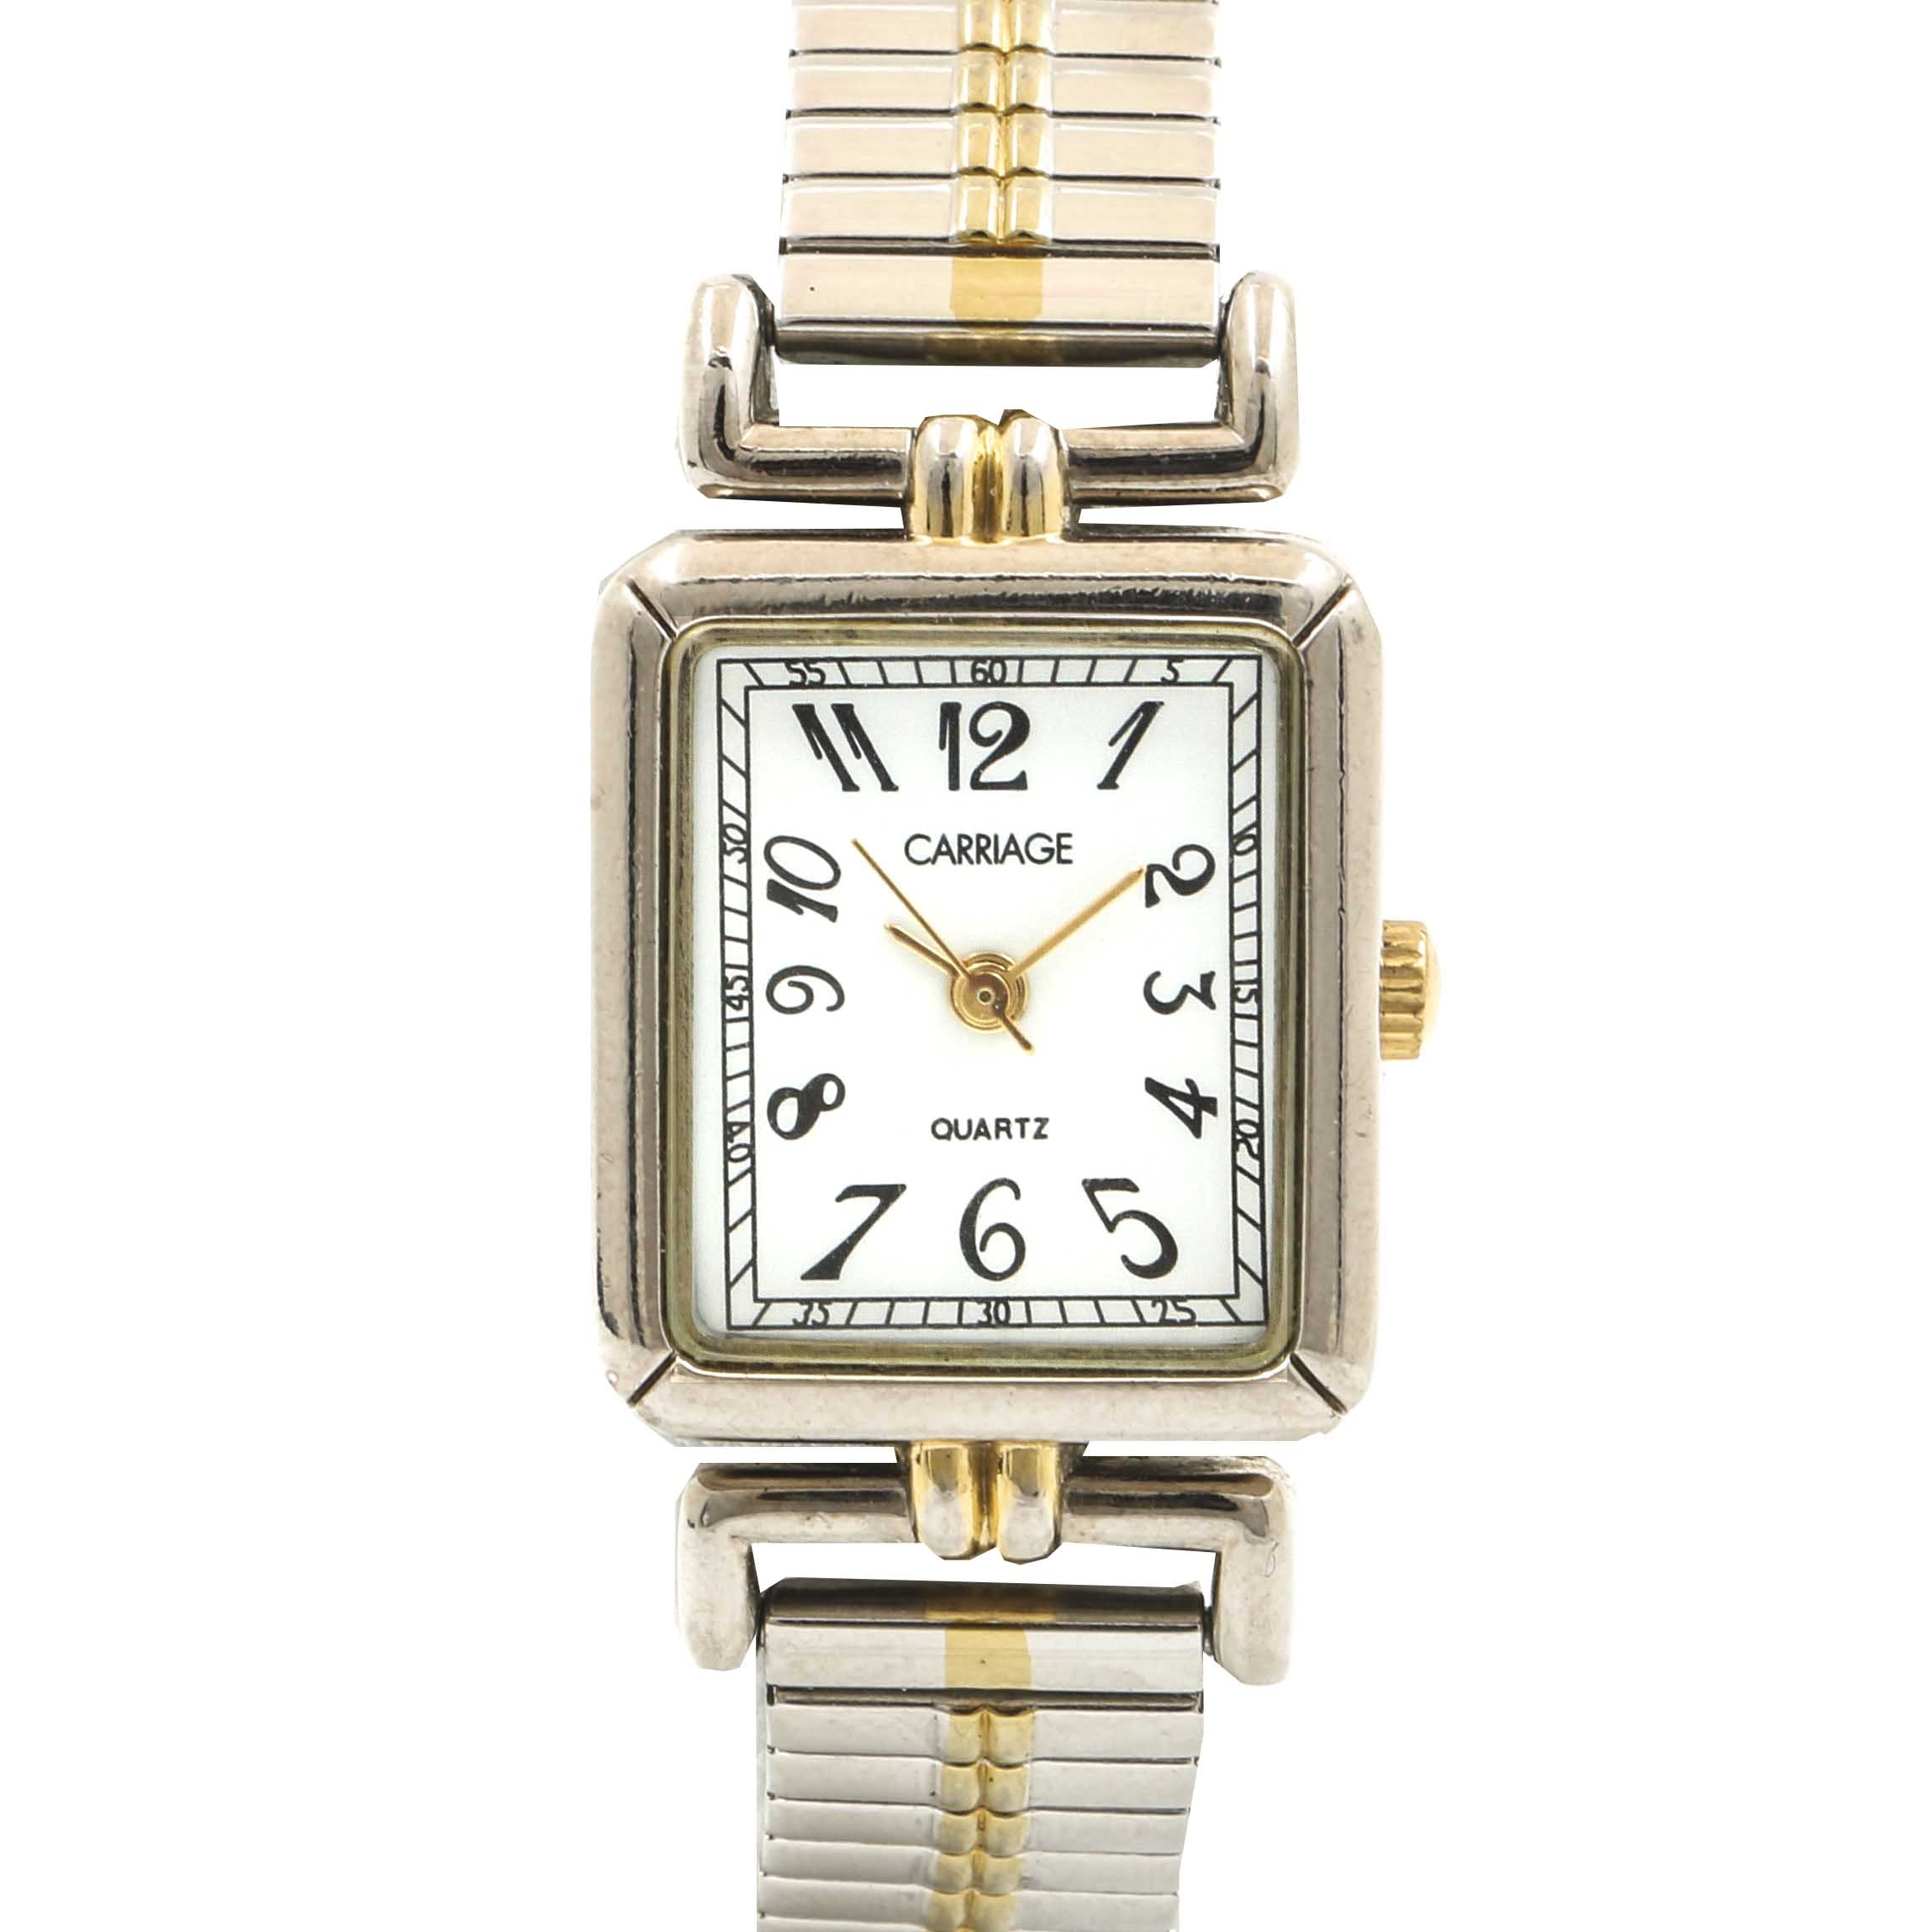 Carriage Quartz Two Tone Wristwatch by Timex